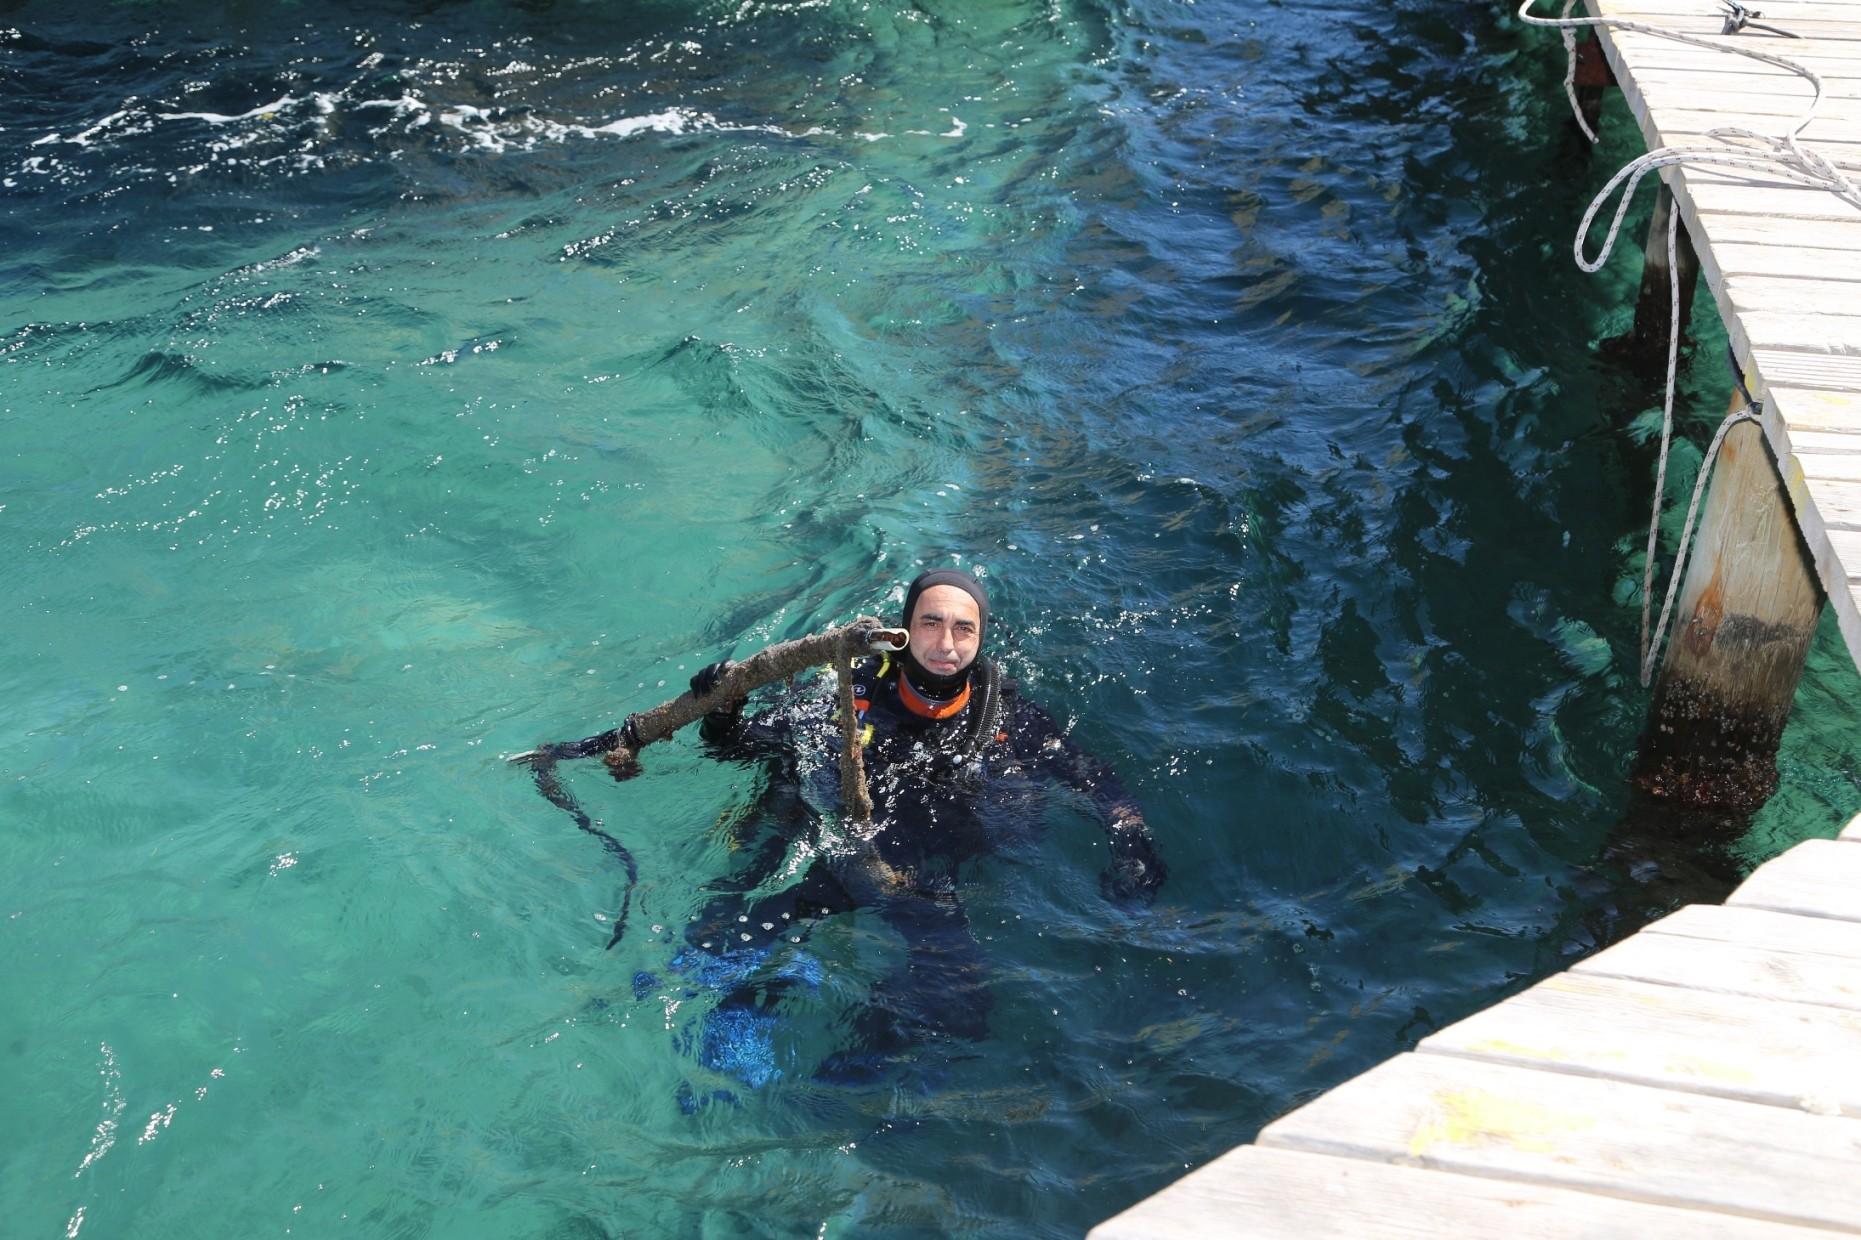 denize en çok mavi yakışır DENİZ DİBİ TEMİZLİĞİ GÜMÜŞLÜK'TE DEVAM ETTİ… gumusluk deniz dibi calismasi 9